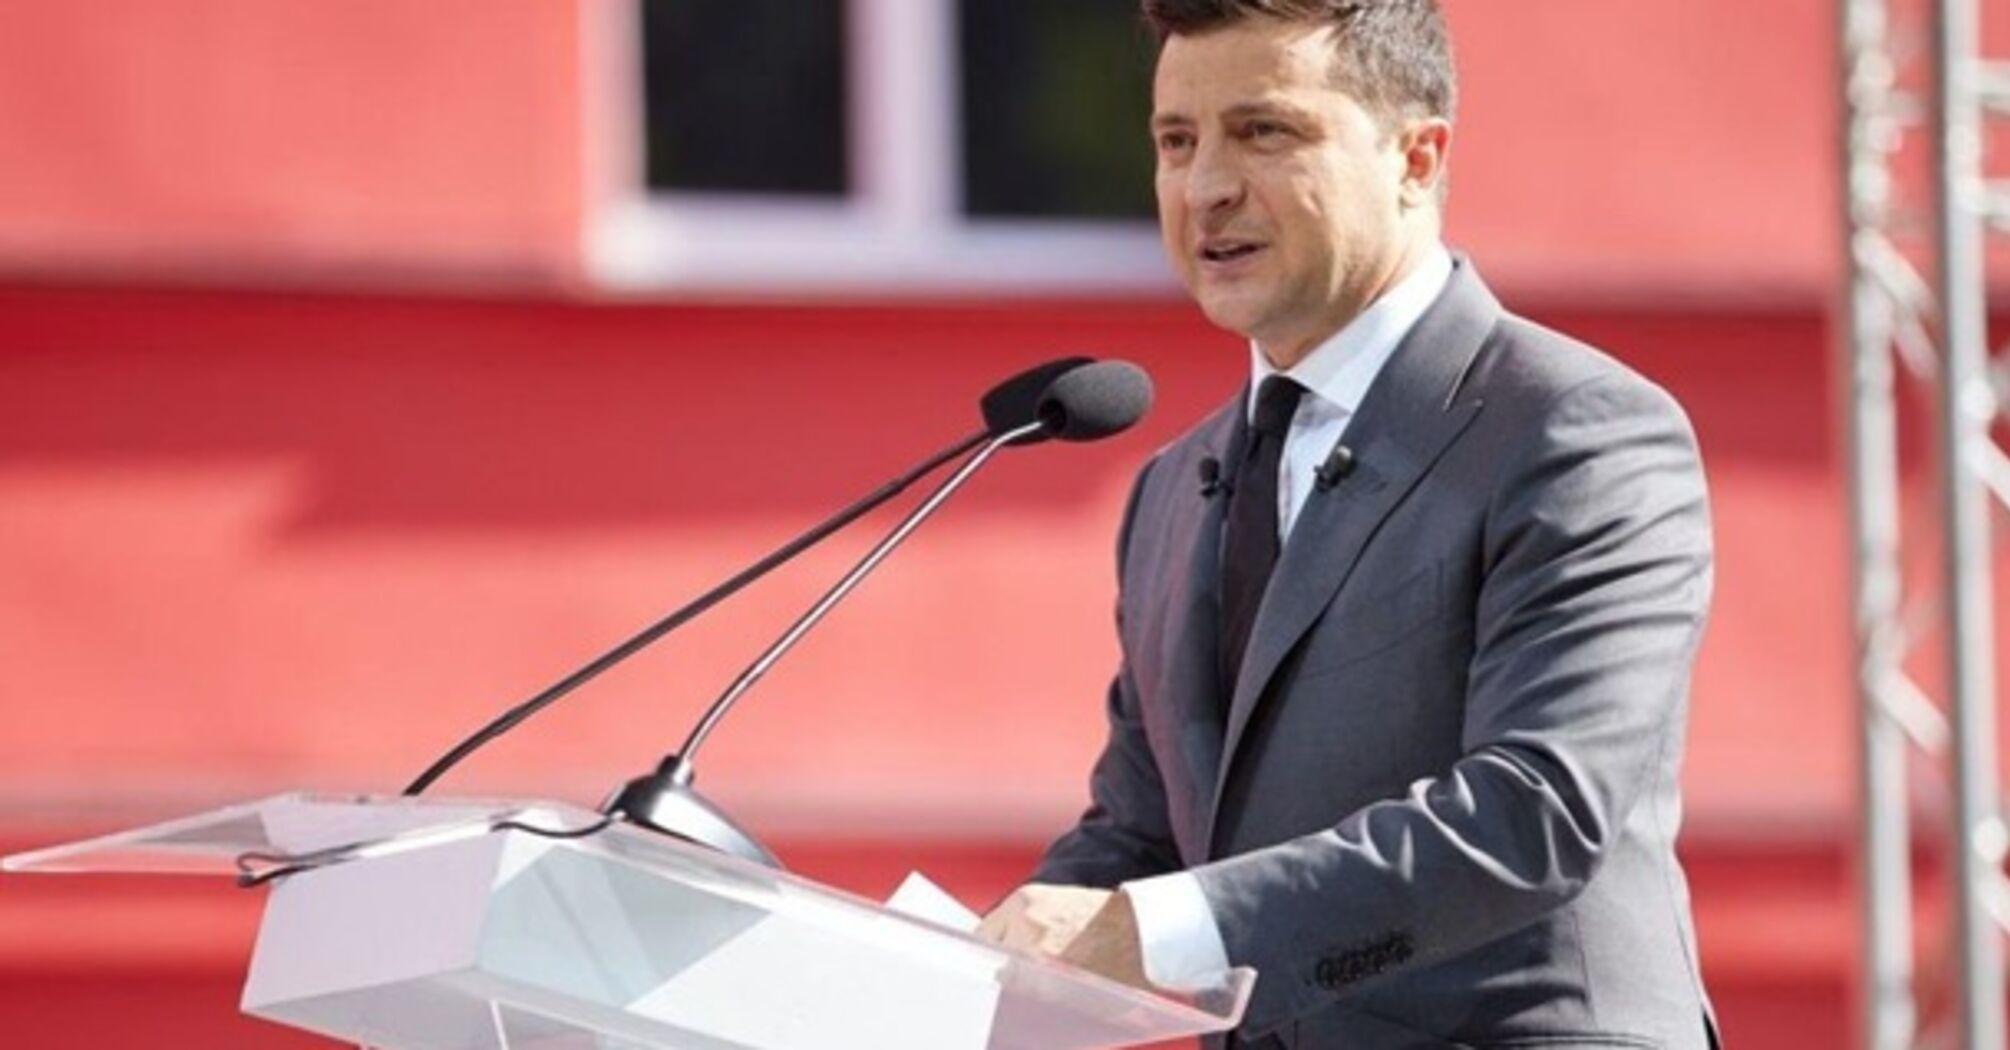 Зеленский объявил всенародный опрос 25 октября